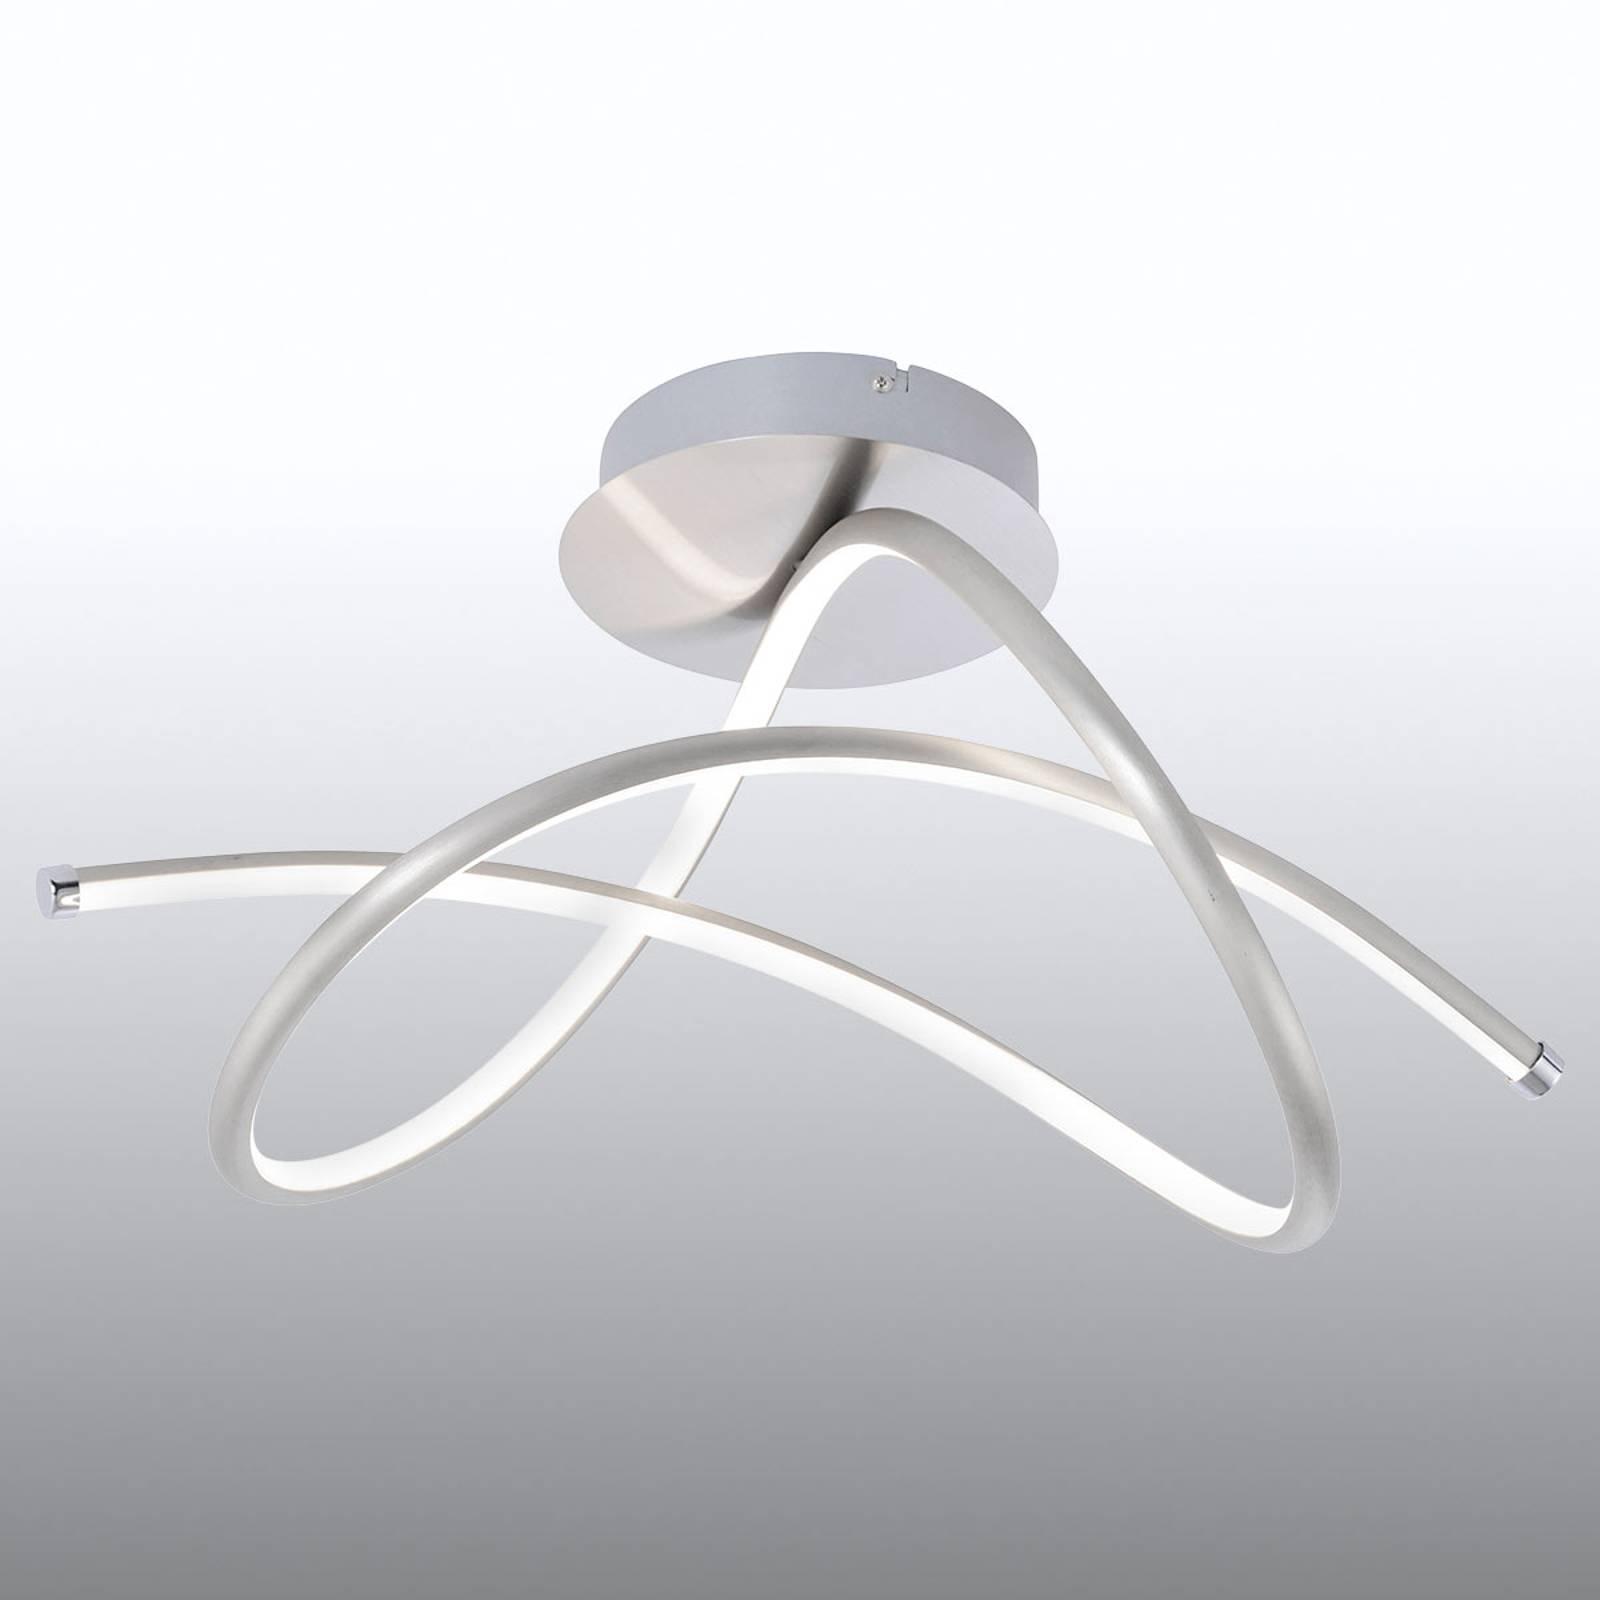 Dynamicznie wygięta lampa sufitowa LED Violetta